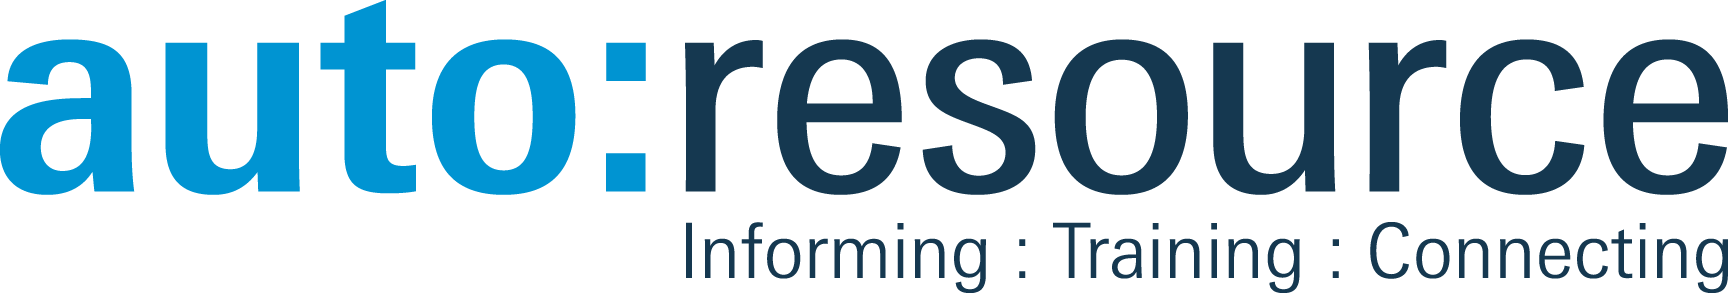 Auto:resource logo